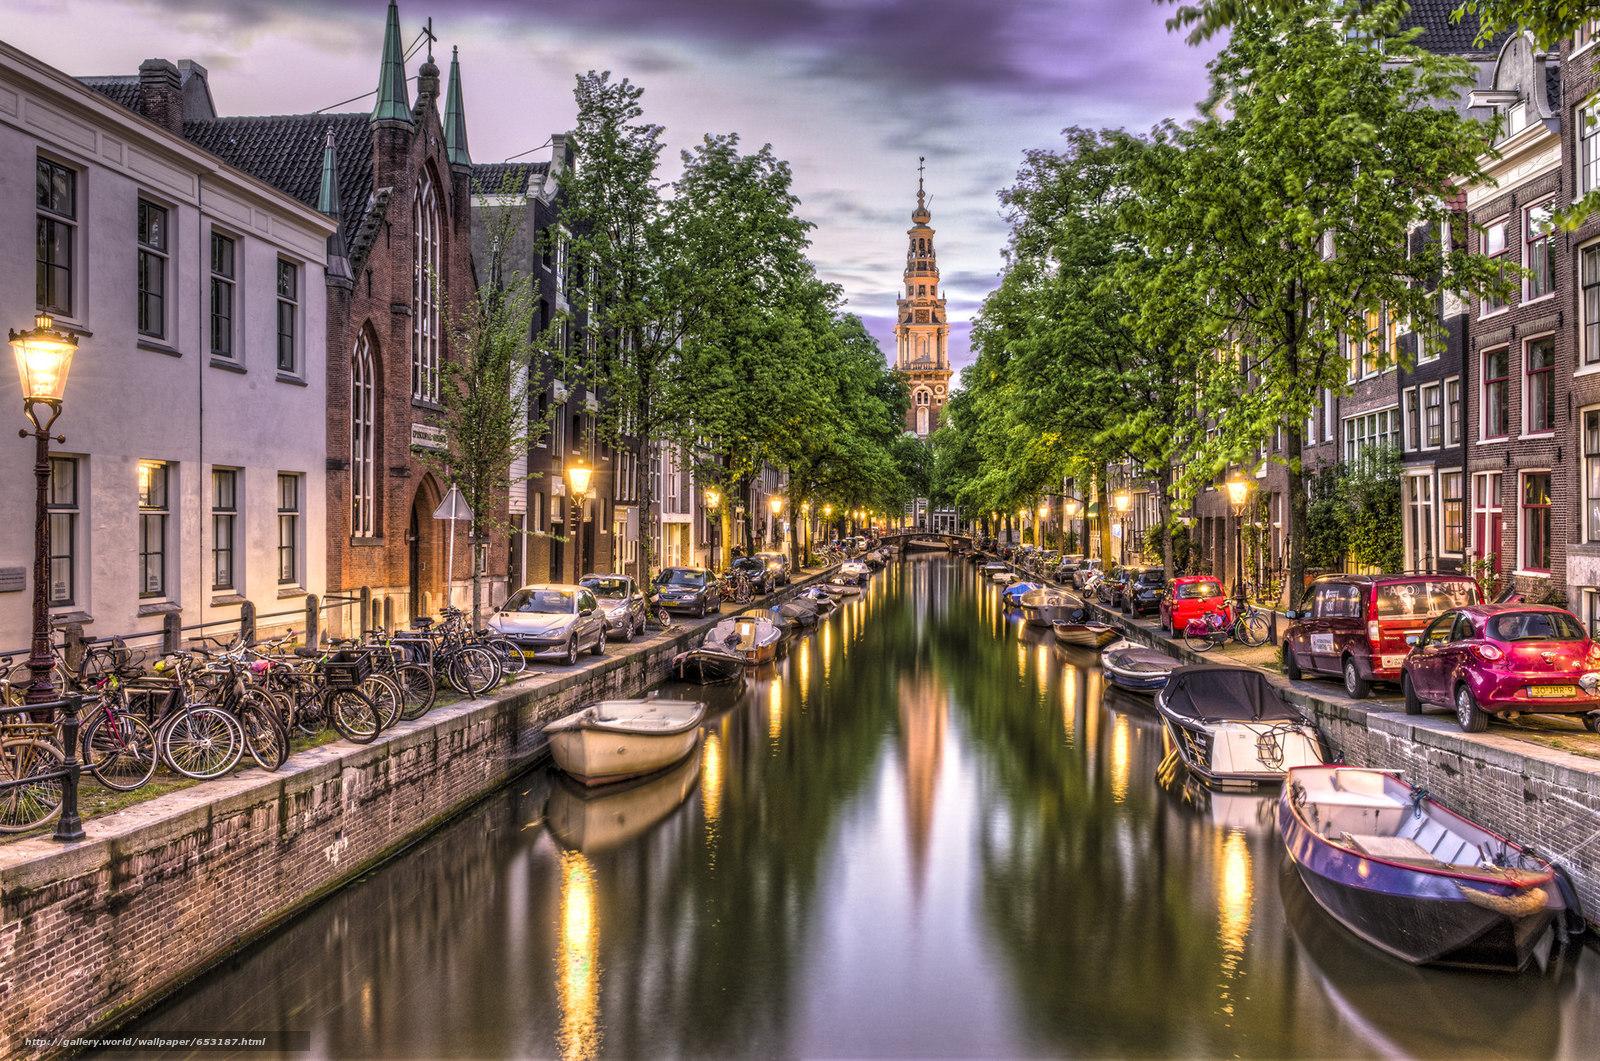 Download Hintergrund Amsterdam,  Amsterdam,  Hauptstadt und größte Stadt der Niederlande,  Niederlande Freie desktop Tapeten in der Auflosung 2048x1358 — bild №653187